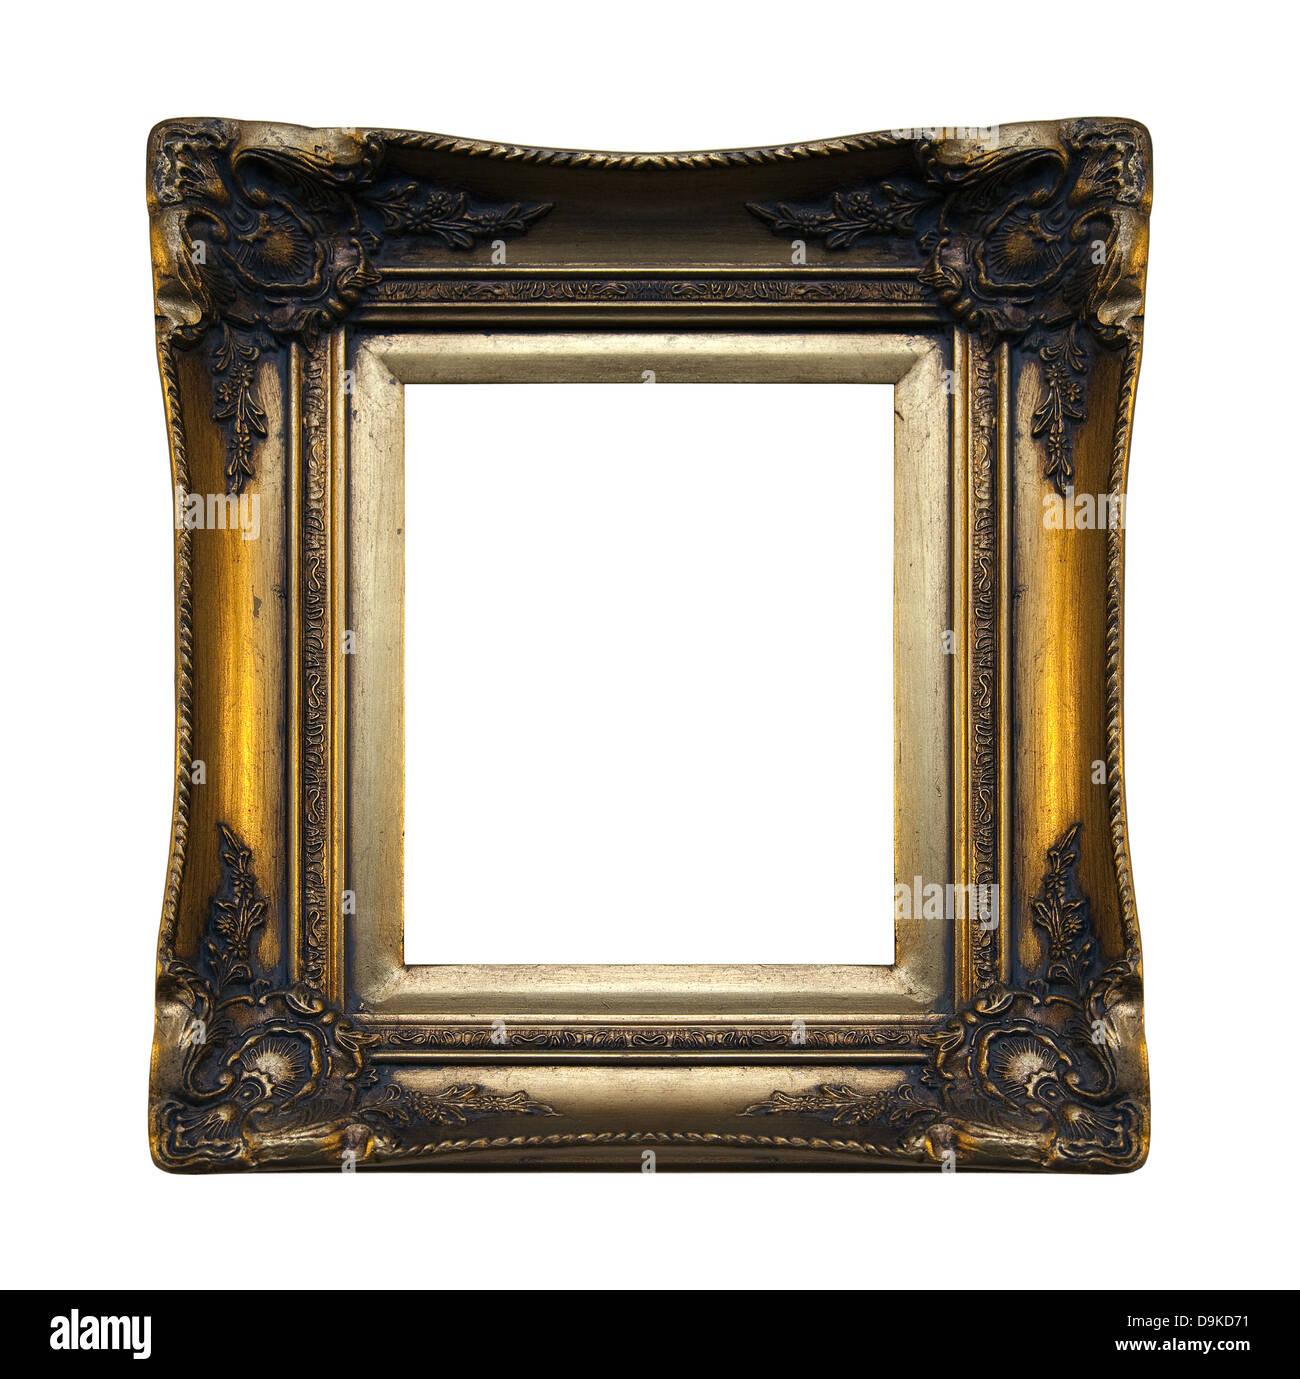 Schön Antike Bilderrahmen London Galerie - Rahmen Ideen ...